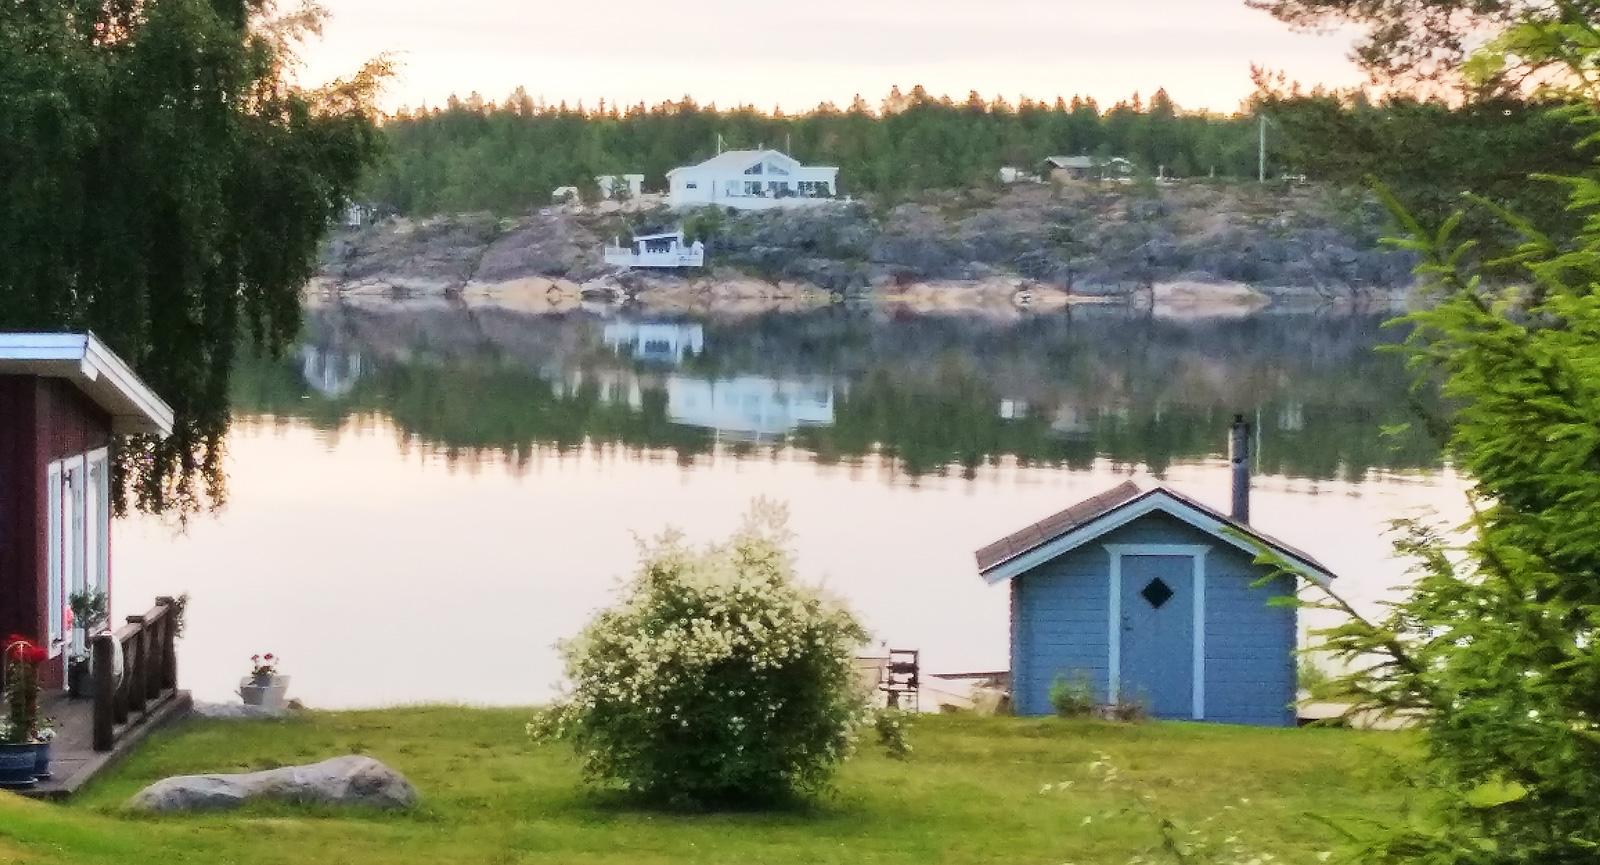 Utsikt från promenad längs viken där campingen är belägen.